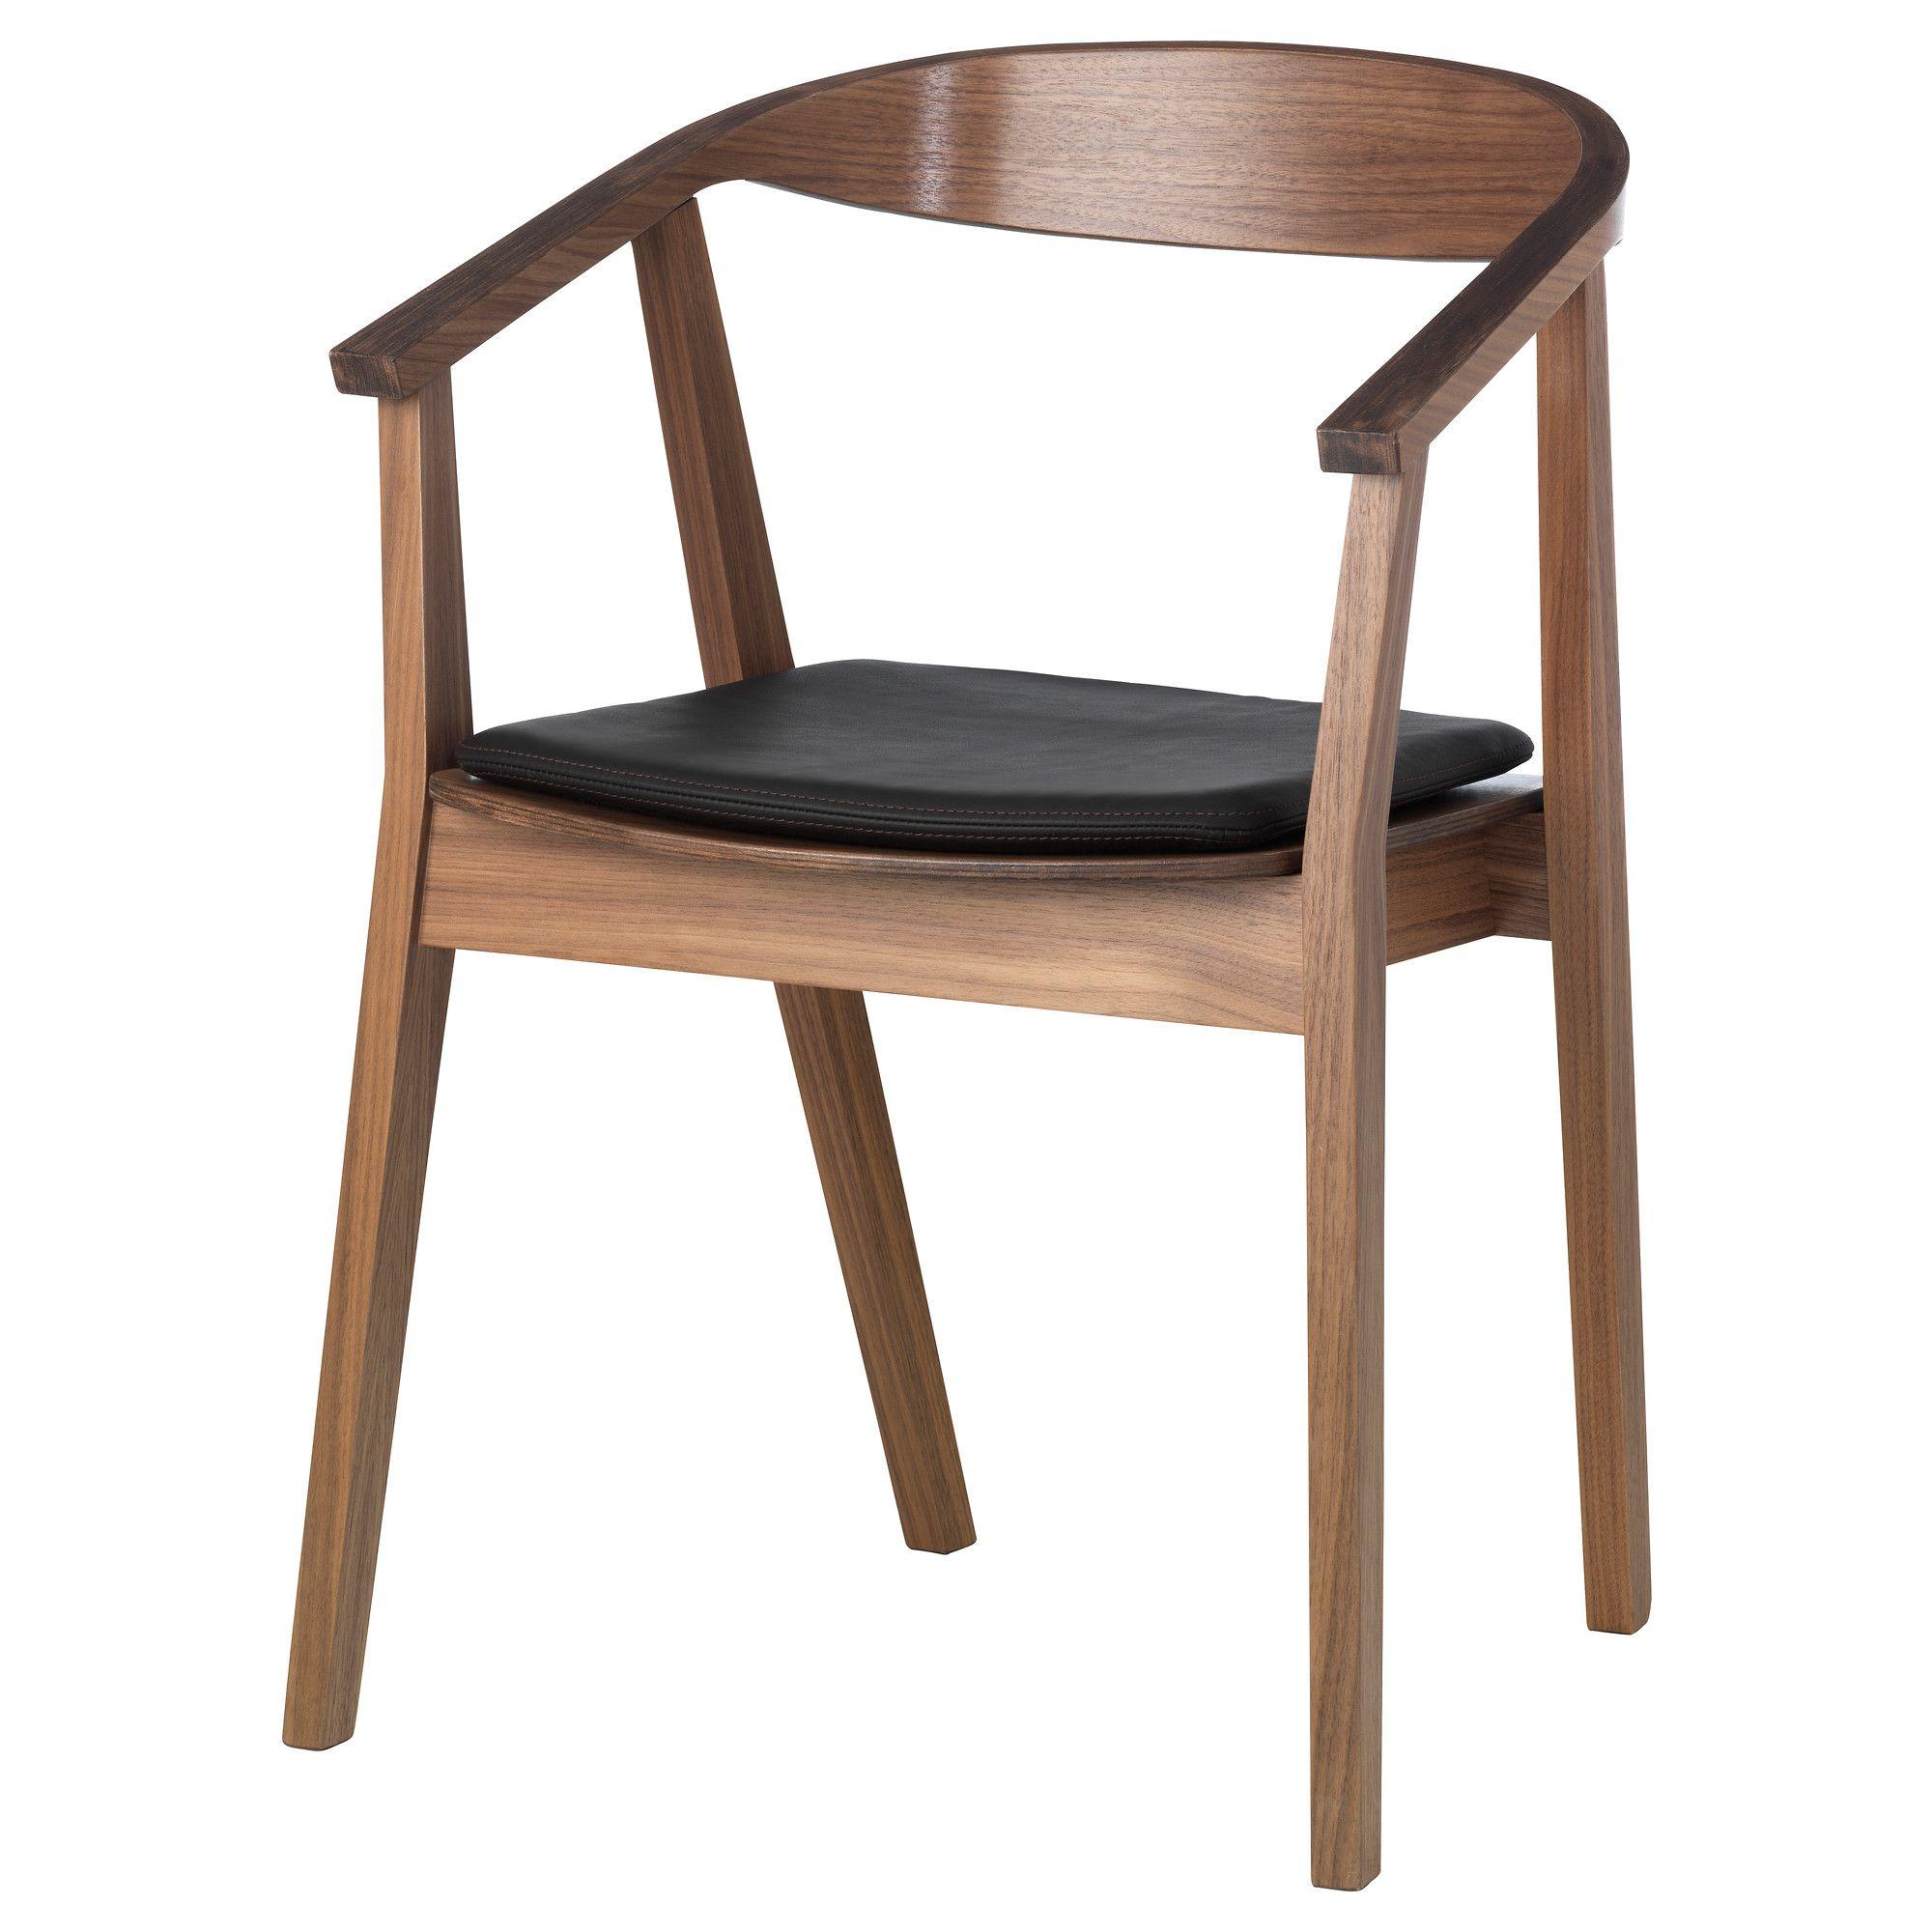 Nederland Cadeira Ikea Cadeiras De Jantar Ikea Stockholm